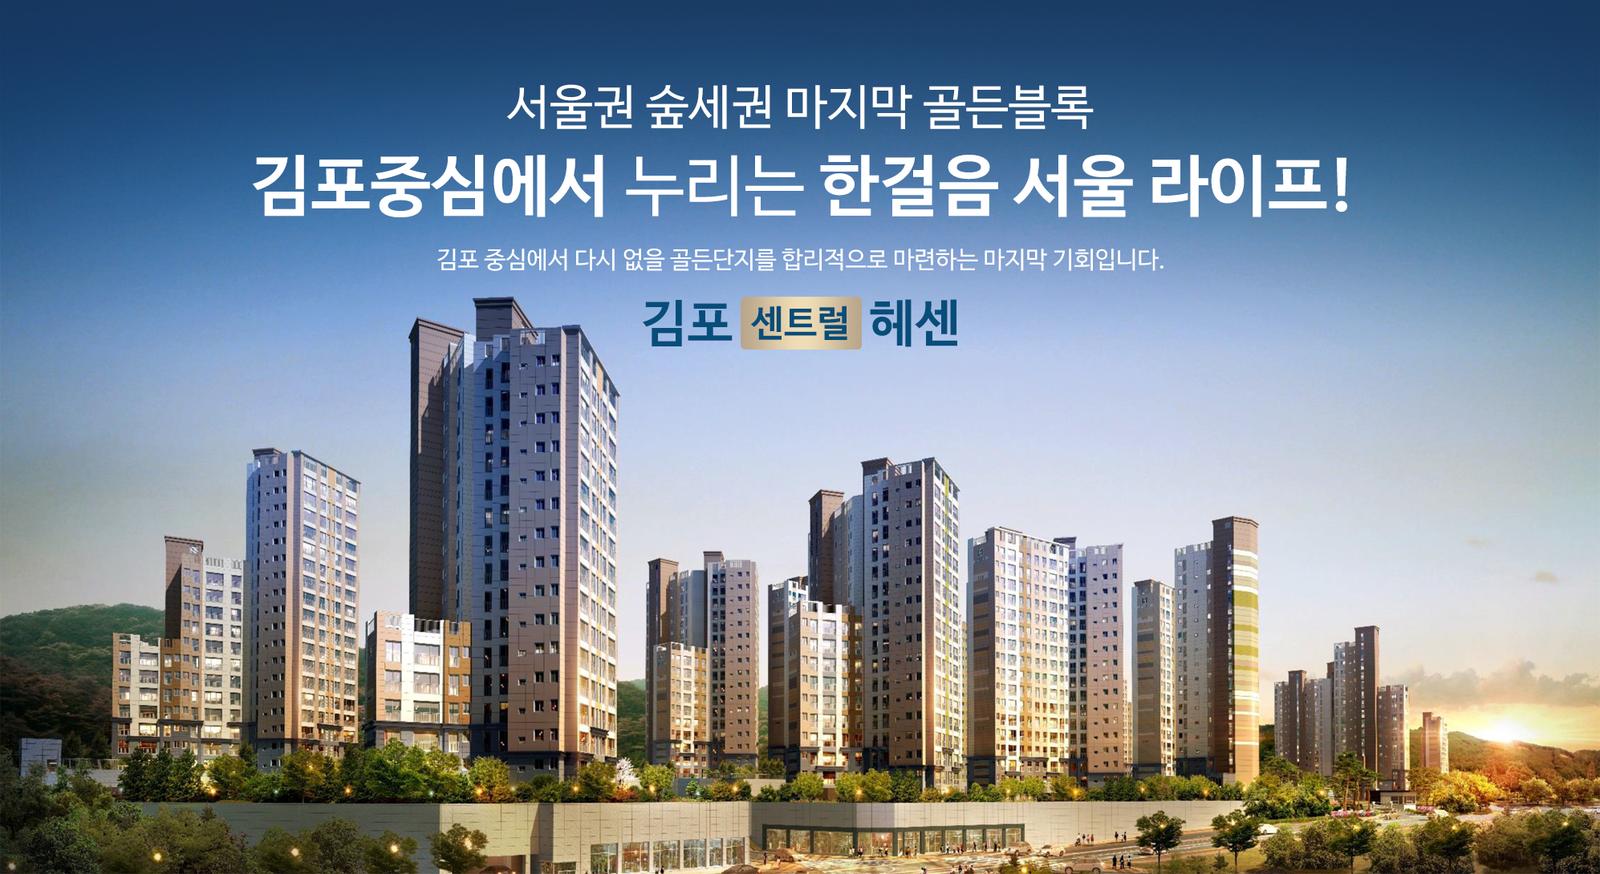 김포 센트럴 헤센 메인1